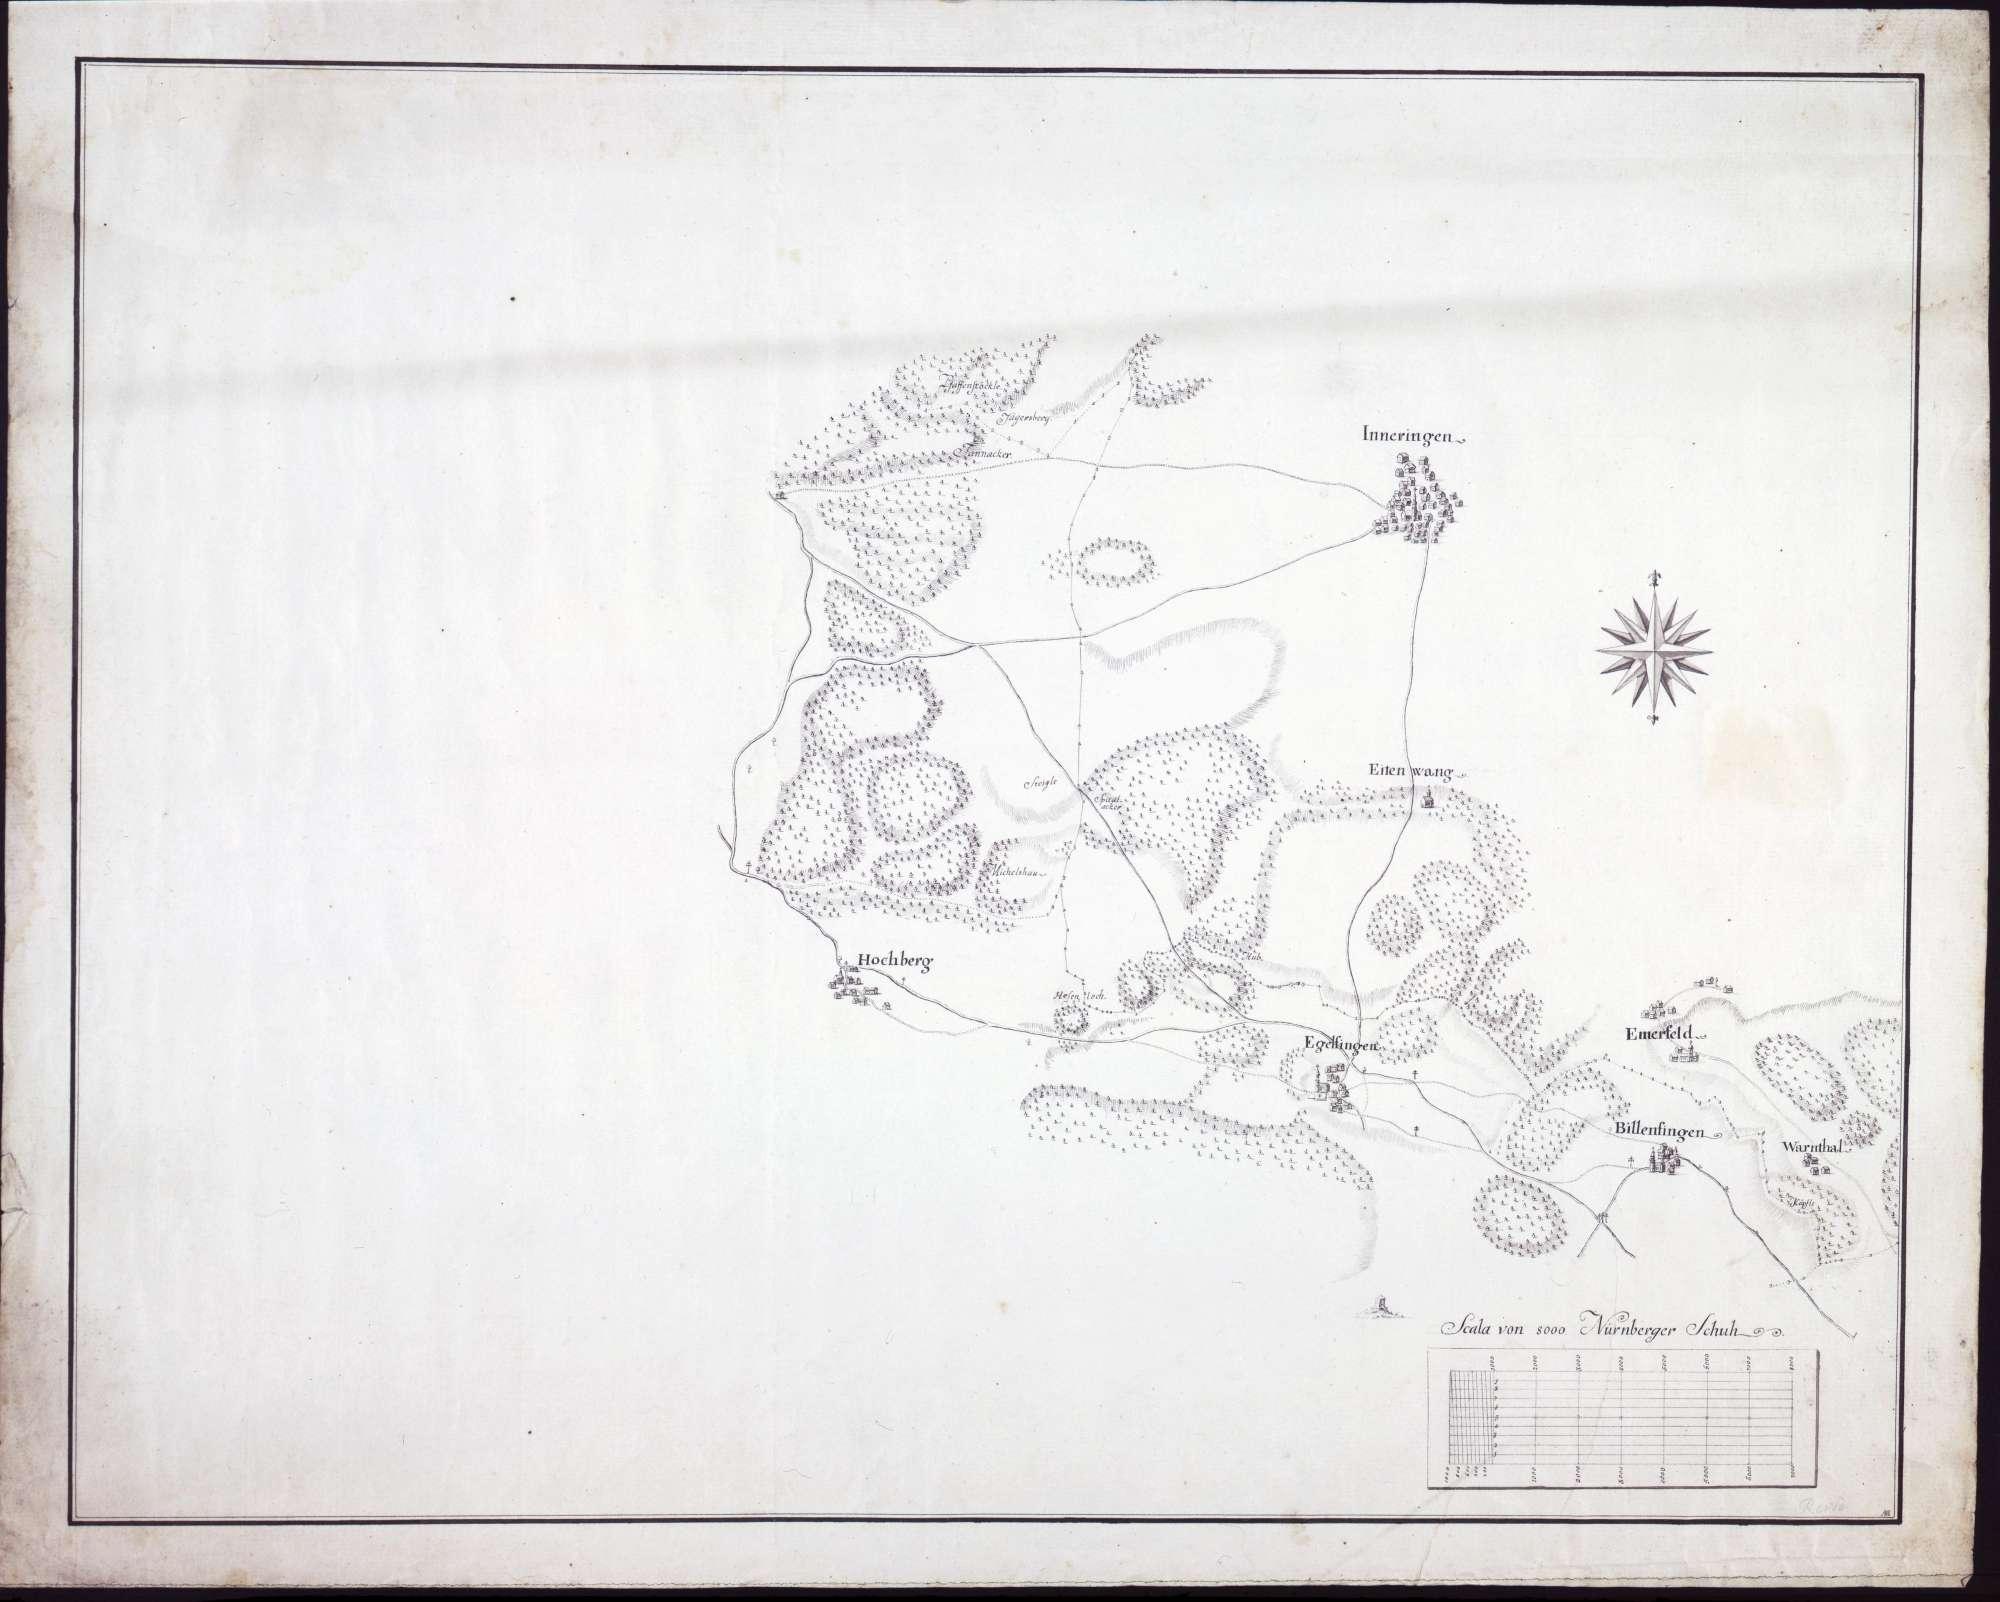 Lageplan von Inneringen, Hochberg, Egelfingen, Billafingen, Warmtal (Warnthal) und Emerfeld (Ehmerfeld), Bild 1